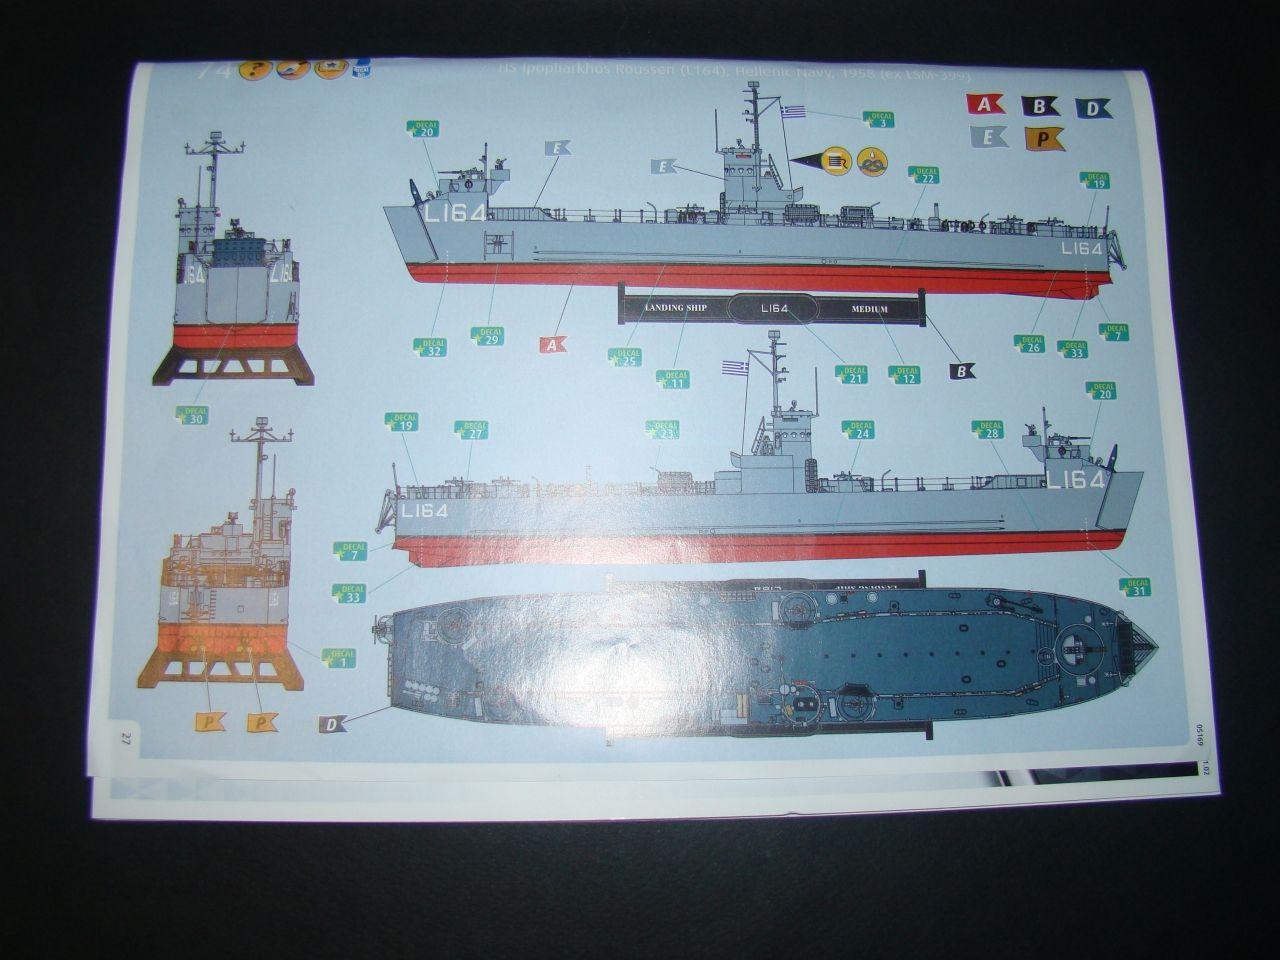 55022.JPG